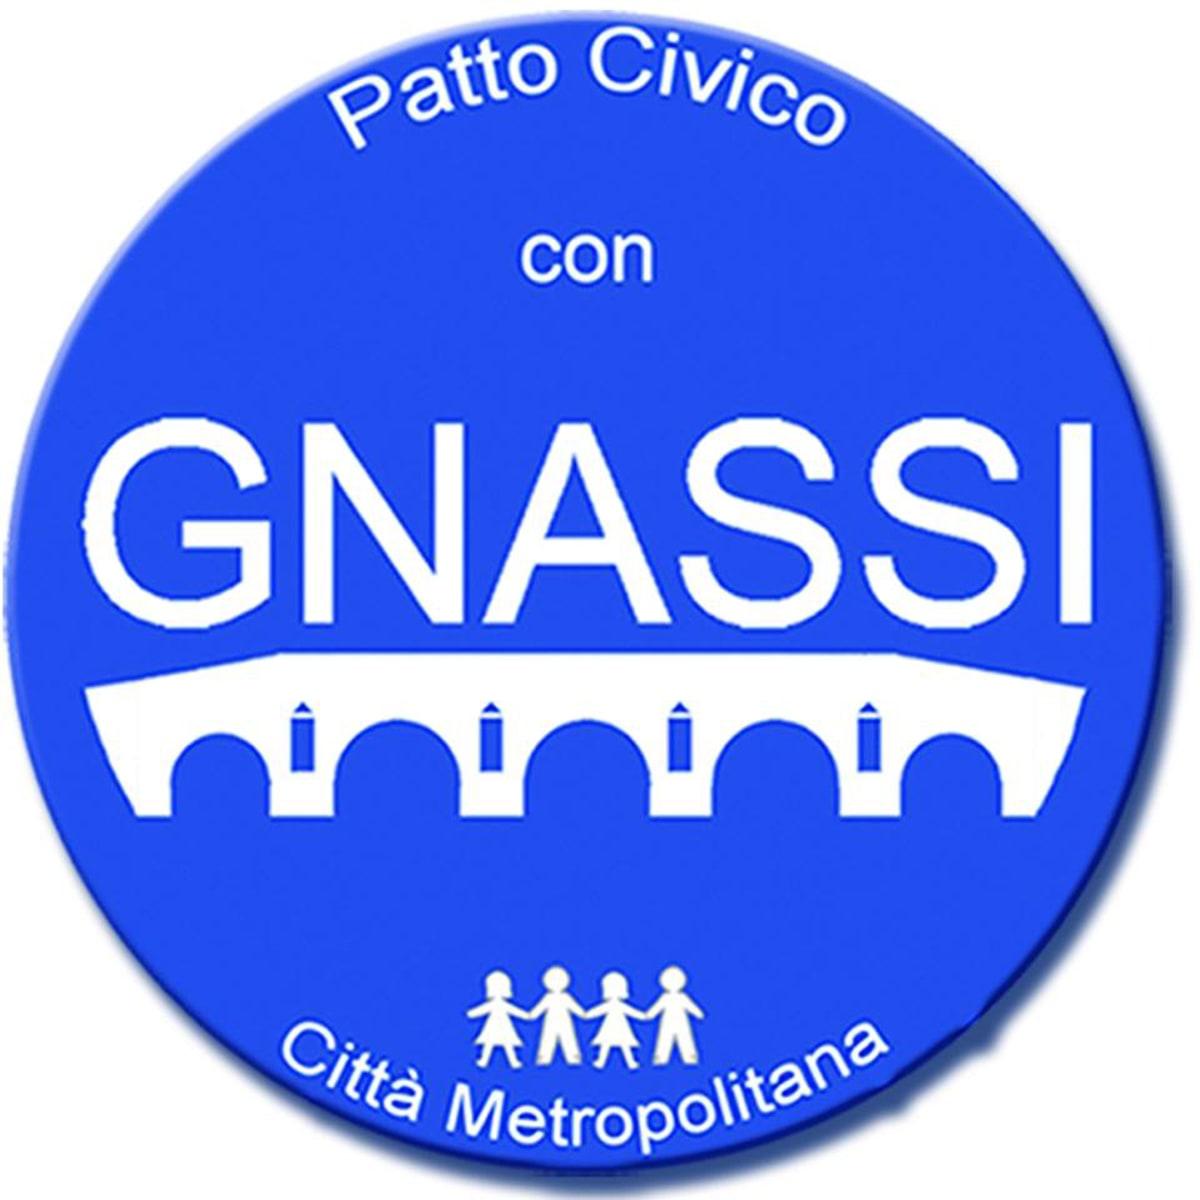 Pizzolante: Renziano a Rimini, antirenziano a Roma e il Patto Civico